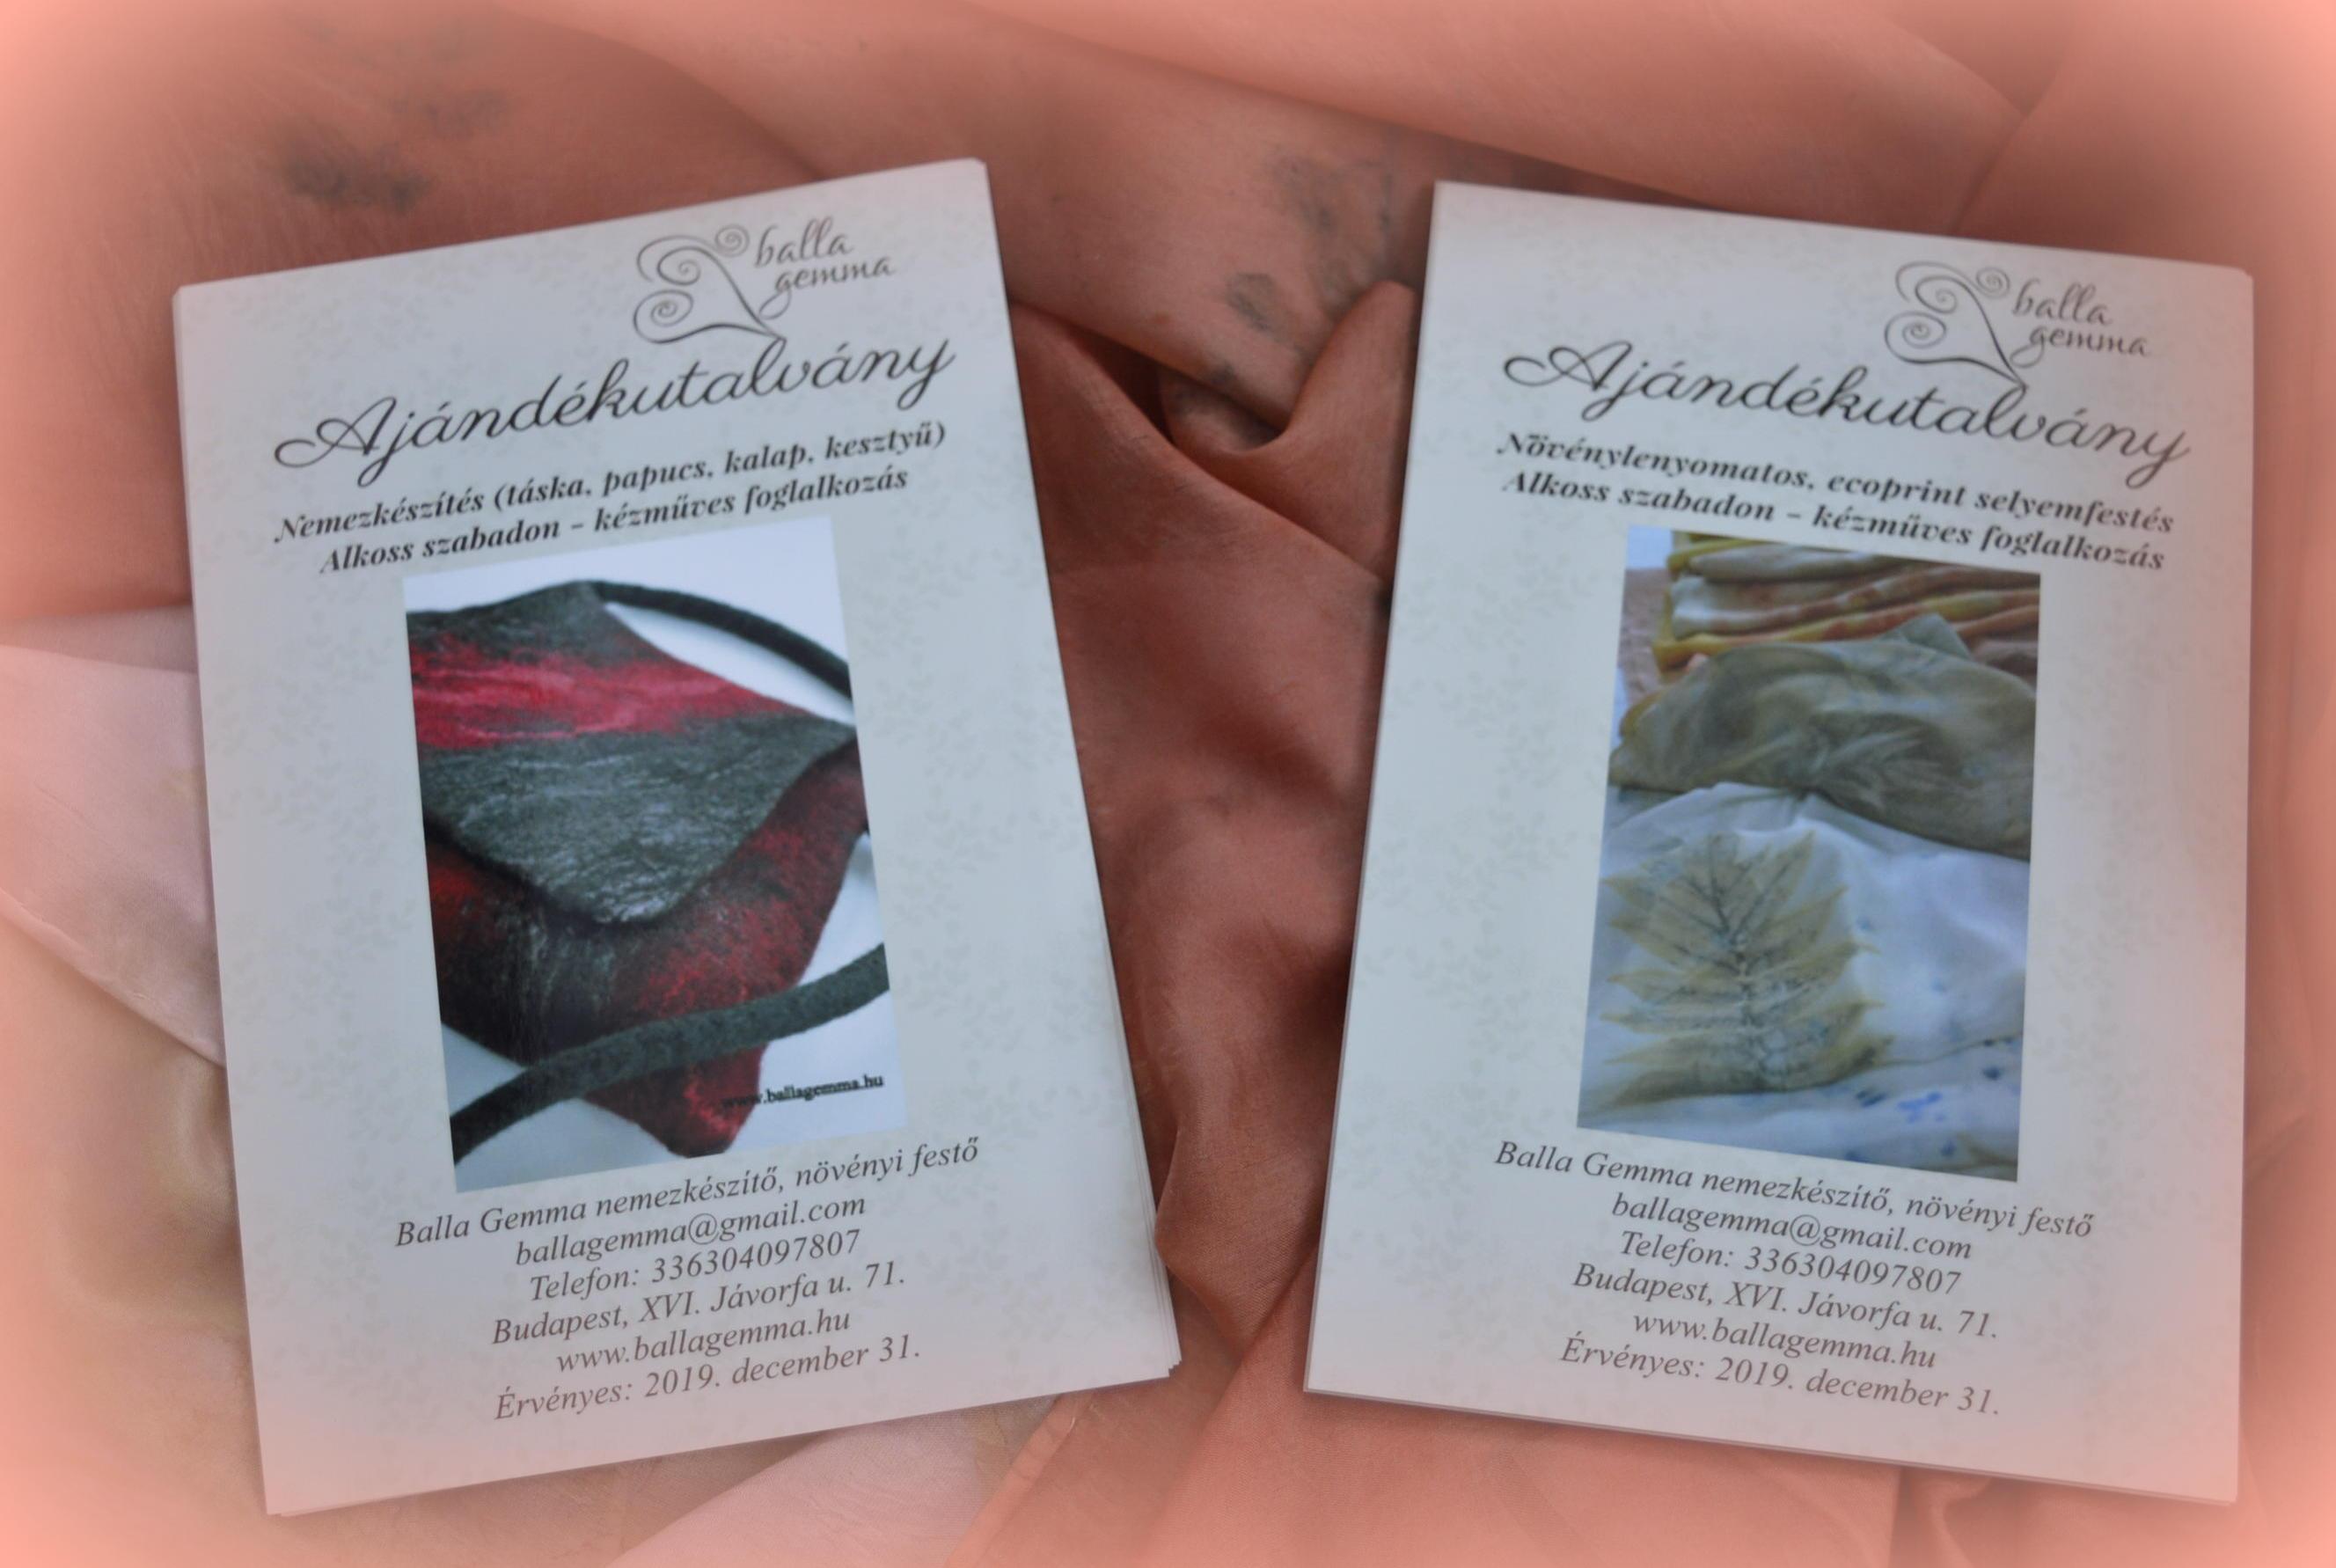 Ajándékutalvány kézműves foglalkozásra